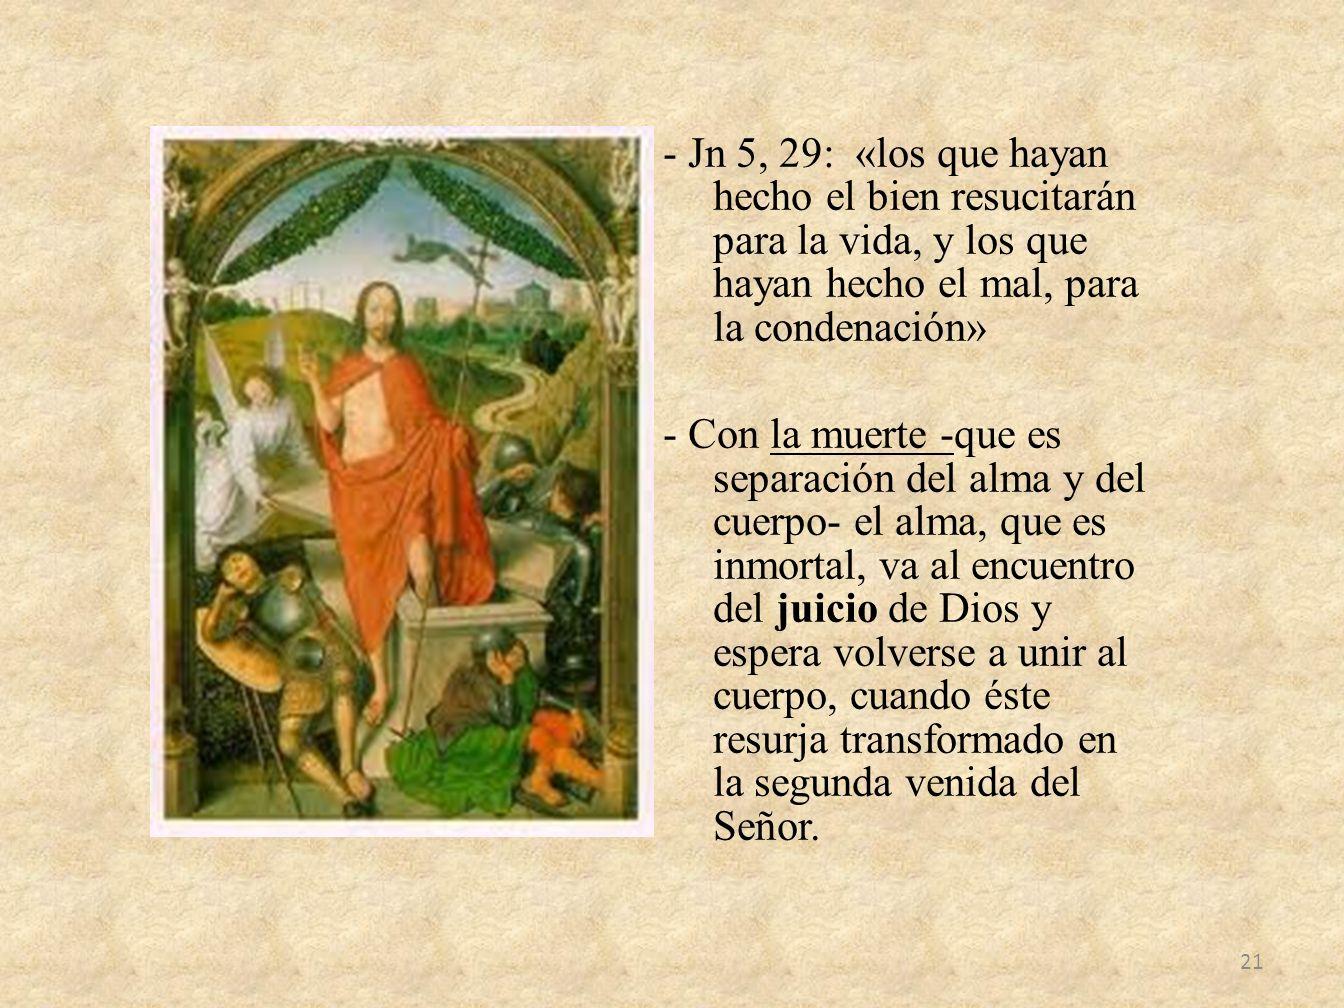 - Jn 5, 29: «los que hayan hecho el bien resucitarán para la vida, y los que hayan hecho el mal, para la condenación» - Con la muerte -que es separaci